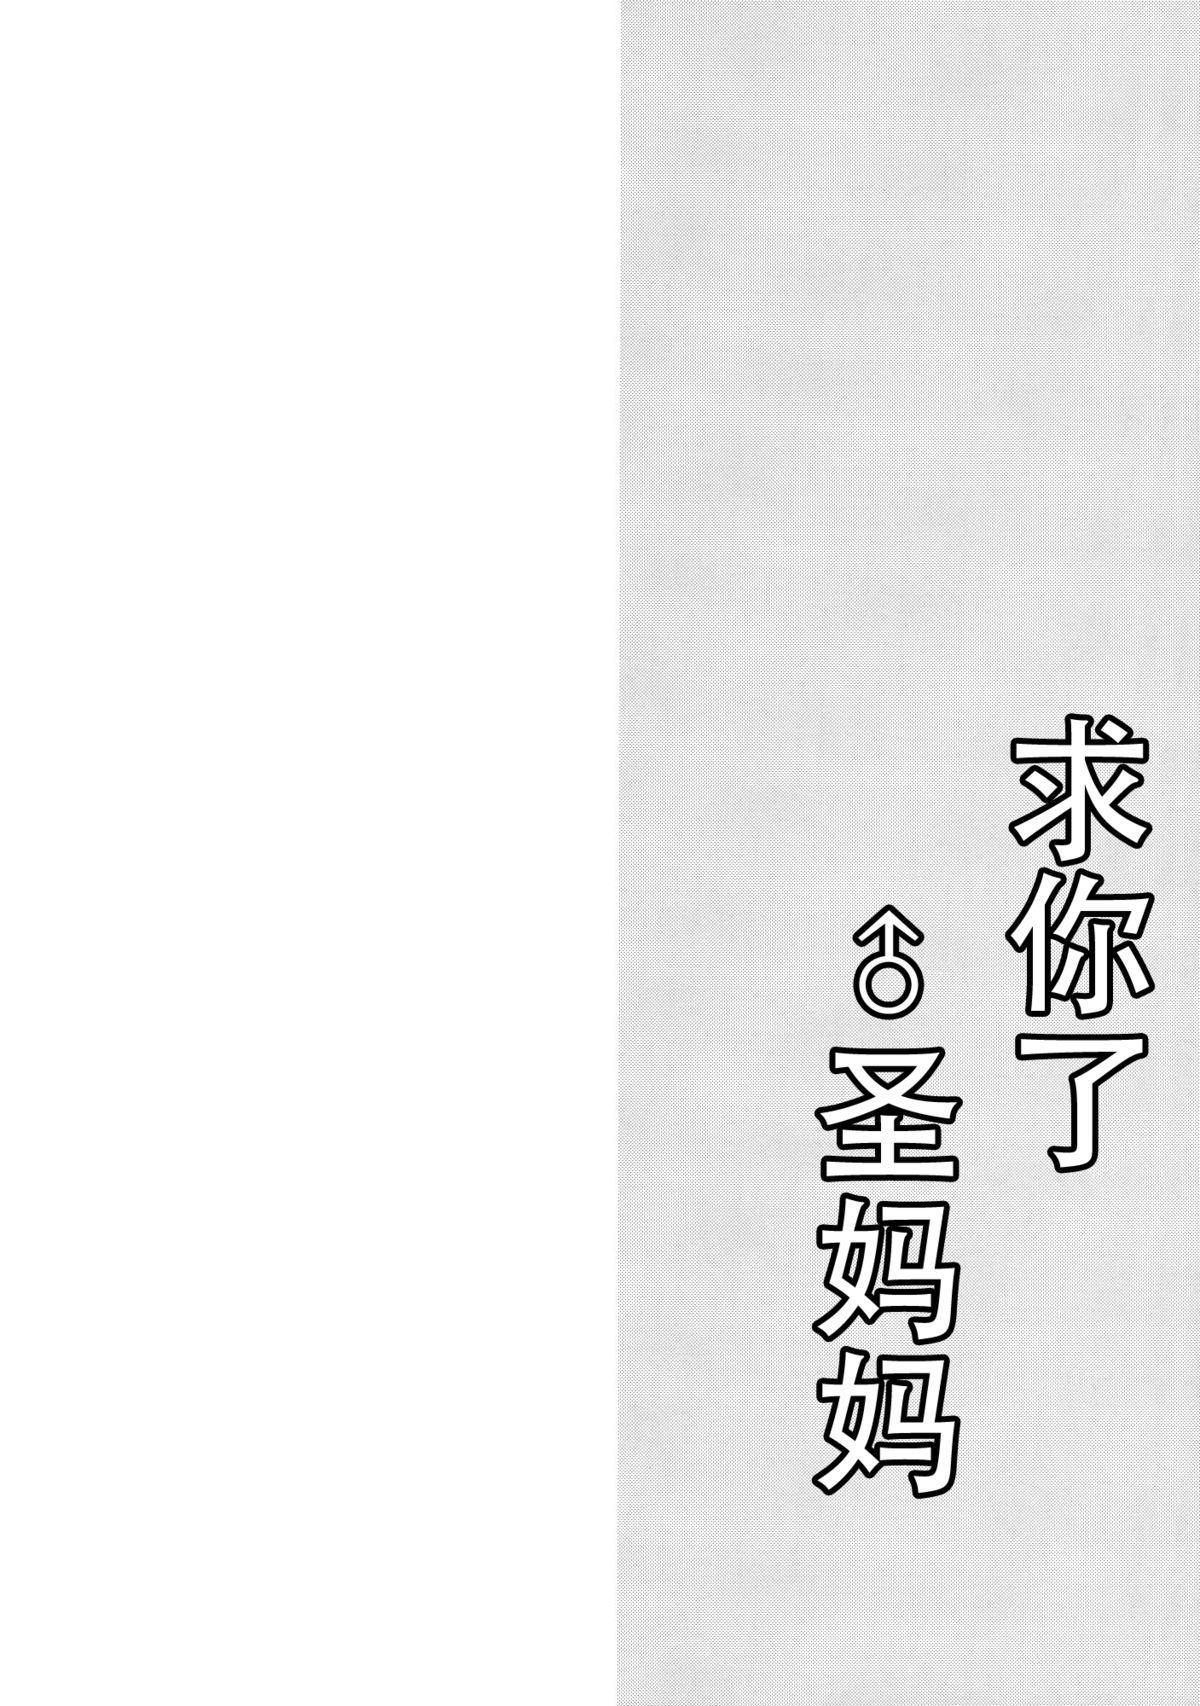 Hijiri-mama ni Onegai 7